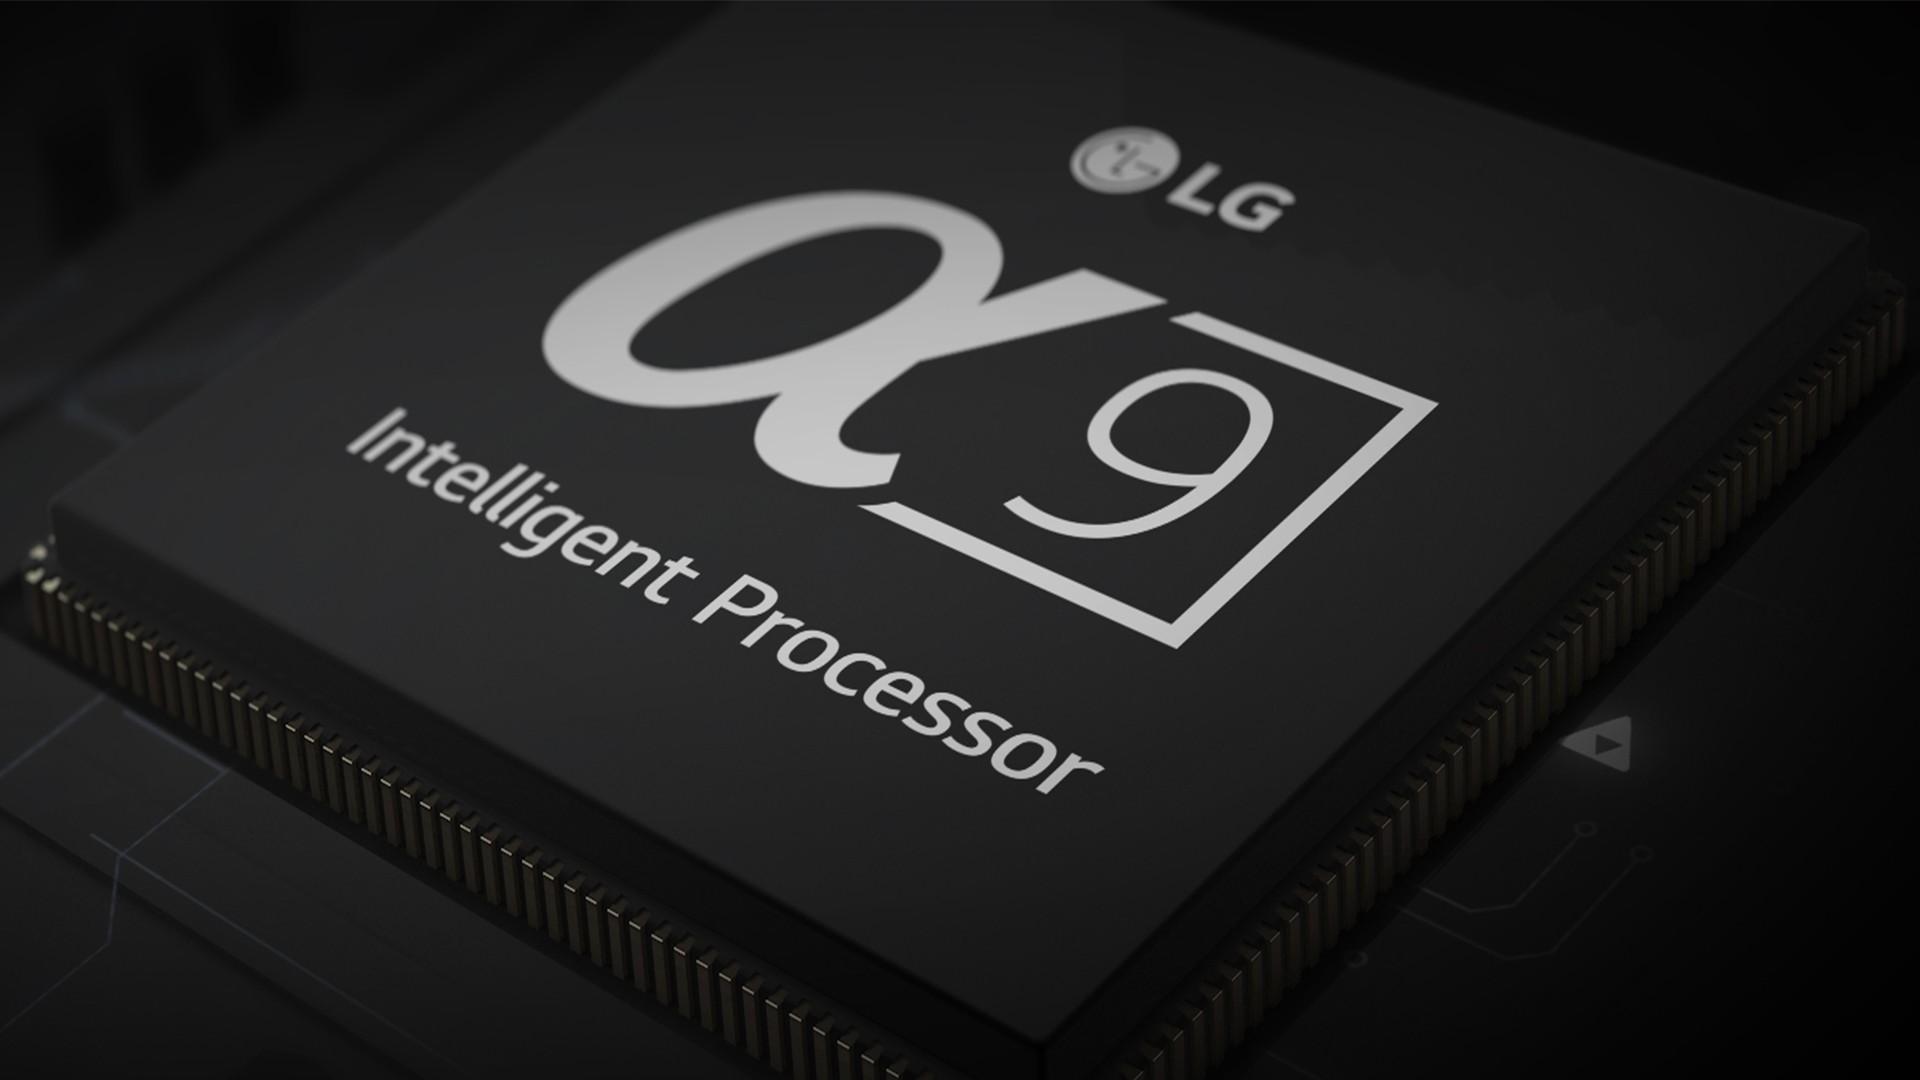 LG Alpha 9 Gen2 (a9 Gen 2) processor